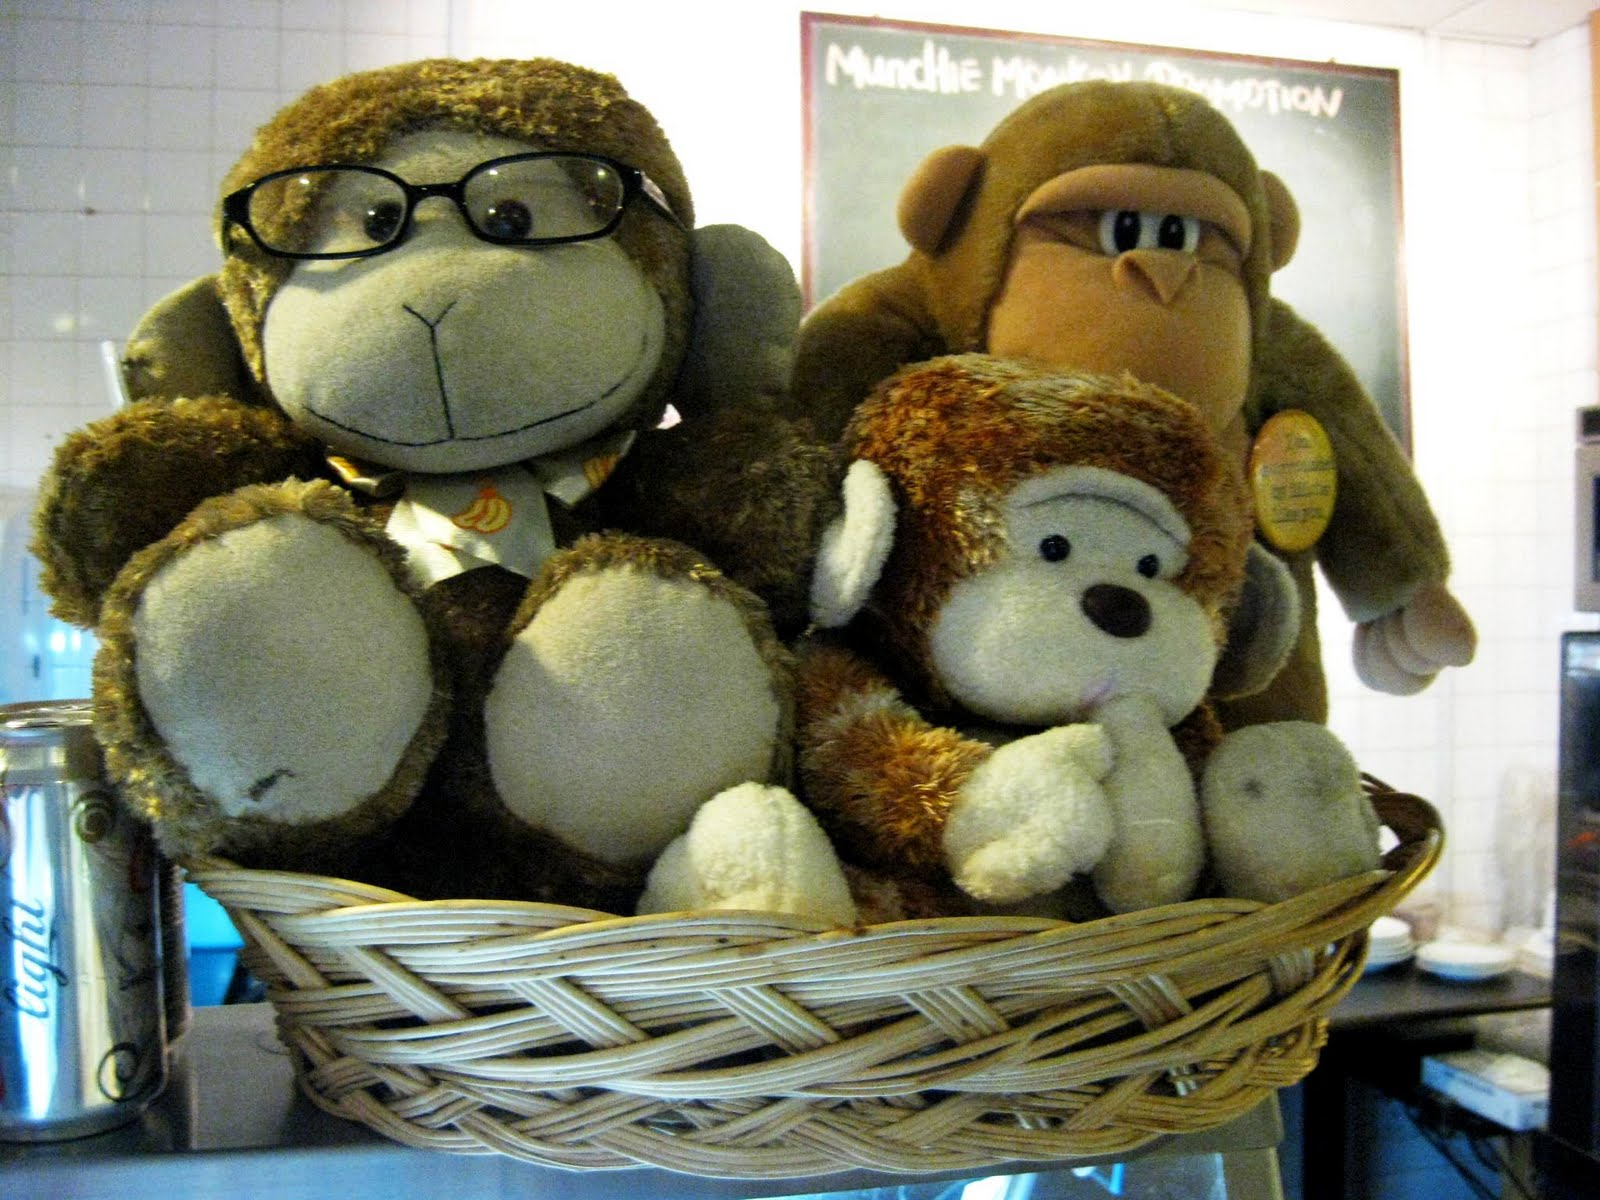 Biting Travels Munchie Monkey